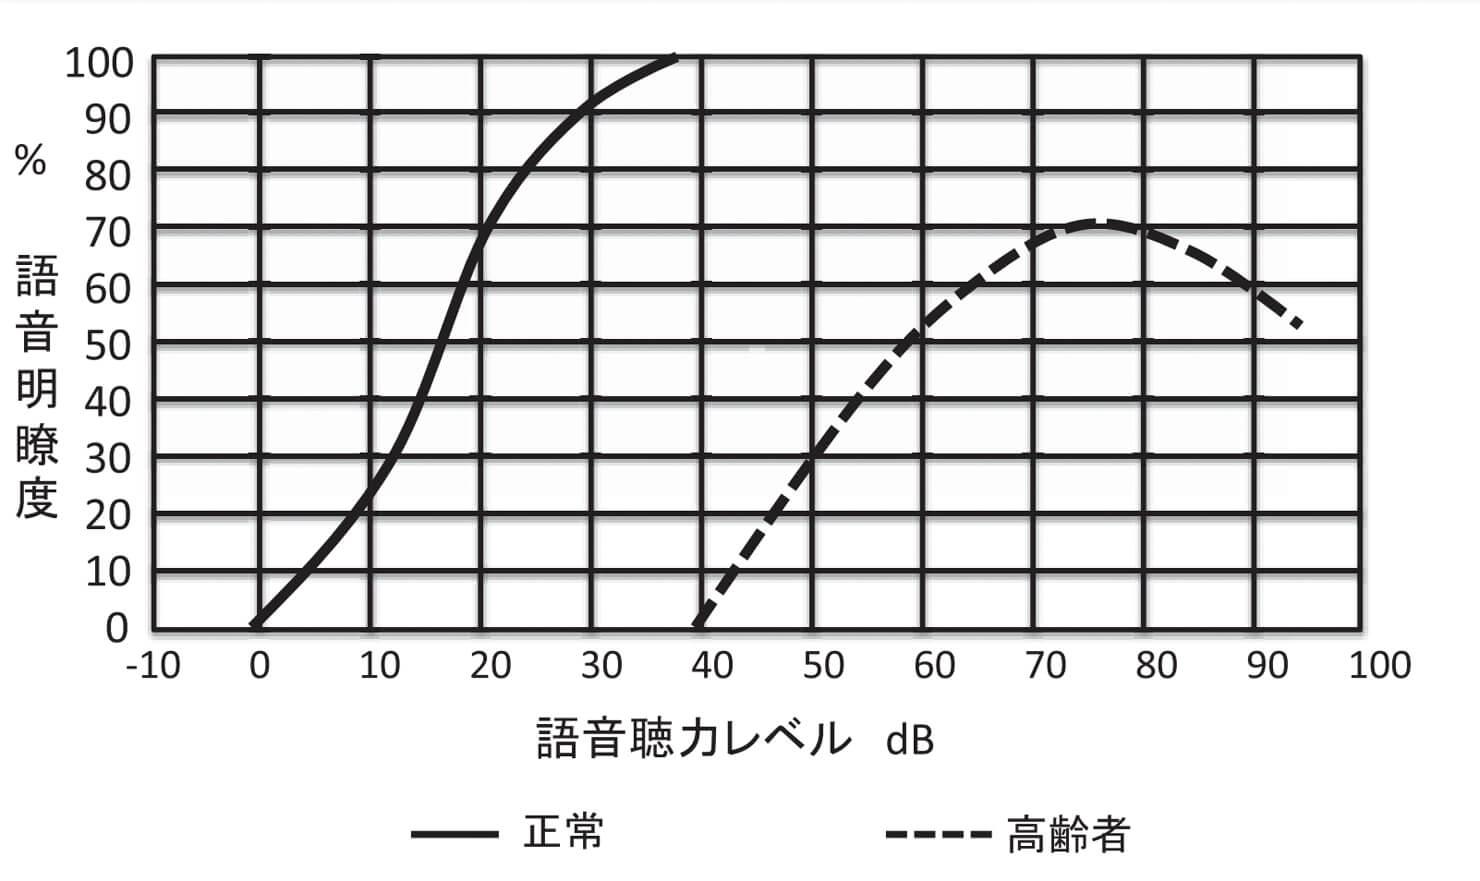 老人性難聴の「語音弁別検査」の結果を表すグラフの一例